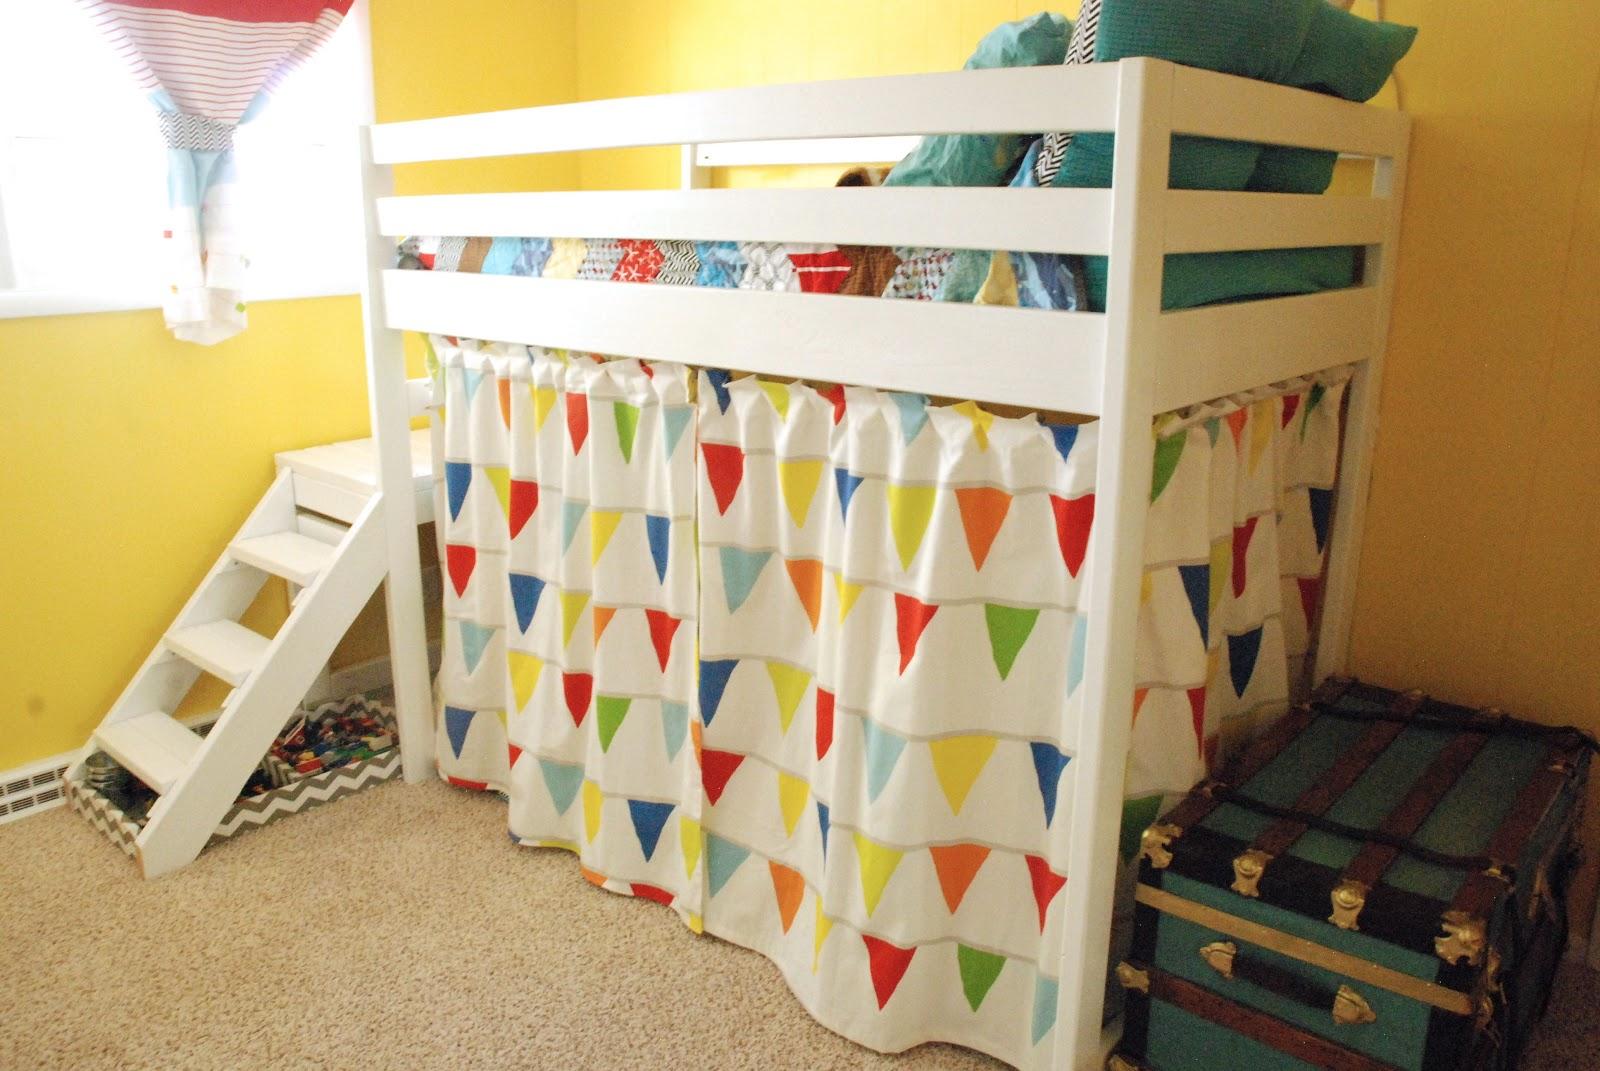 tilbehør-guddommelige-billede-af-kid-værelses-dekoration-hjælp-lys-blå-og-rød-stribe-ikea-børn-gardin-inklusive-gul-kid-værelse-væg-maling-og-farverige-tent- hvid-træ-kid-køjeseng-flot-p